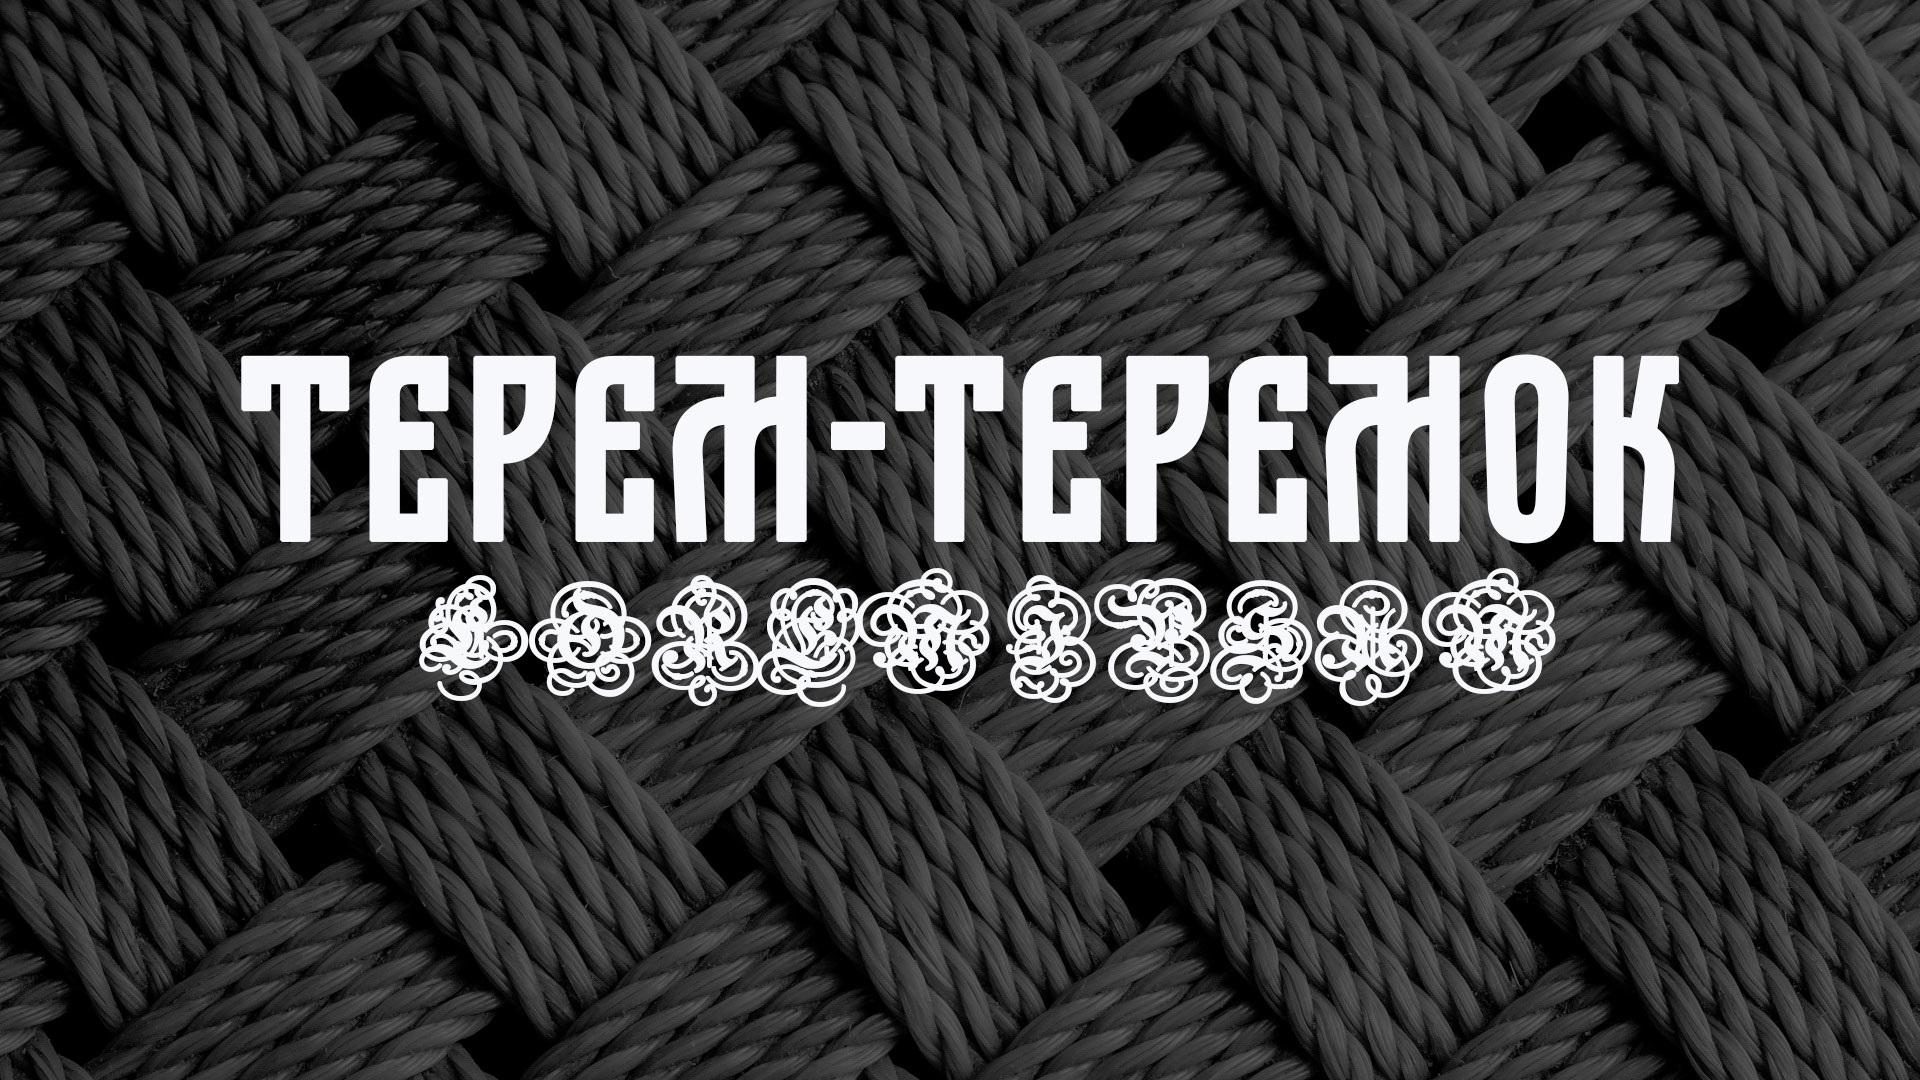 Терем-теремок (Театр Сатиры)